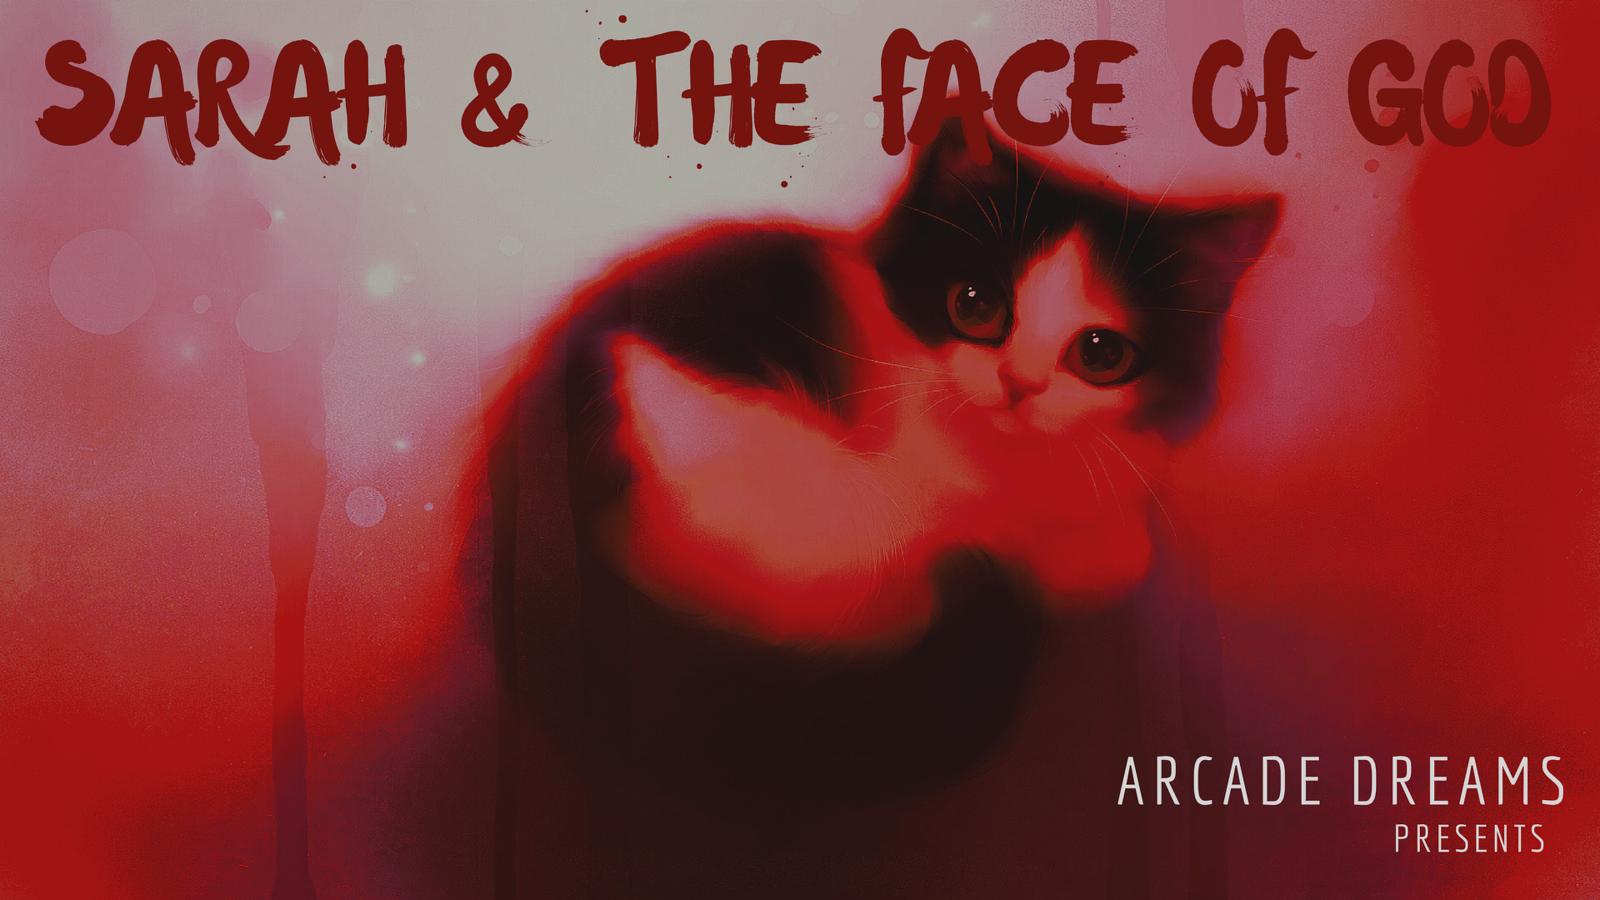 Sarah & the Face of God